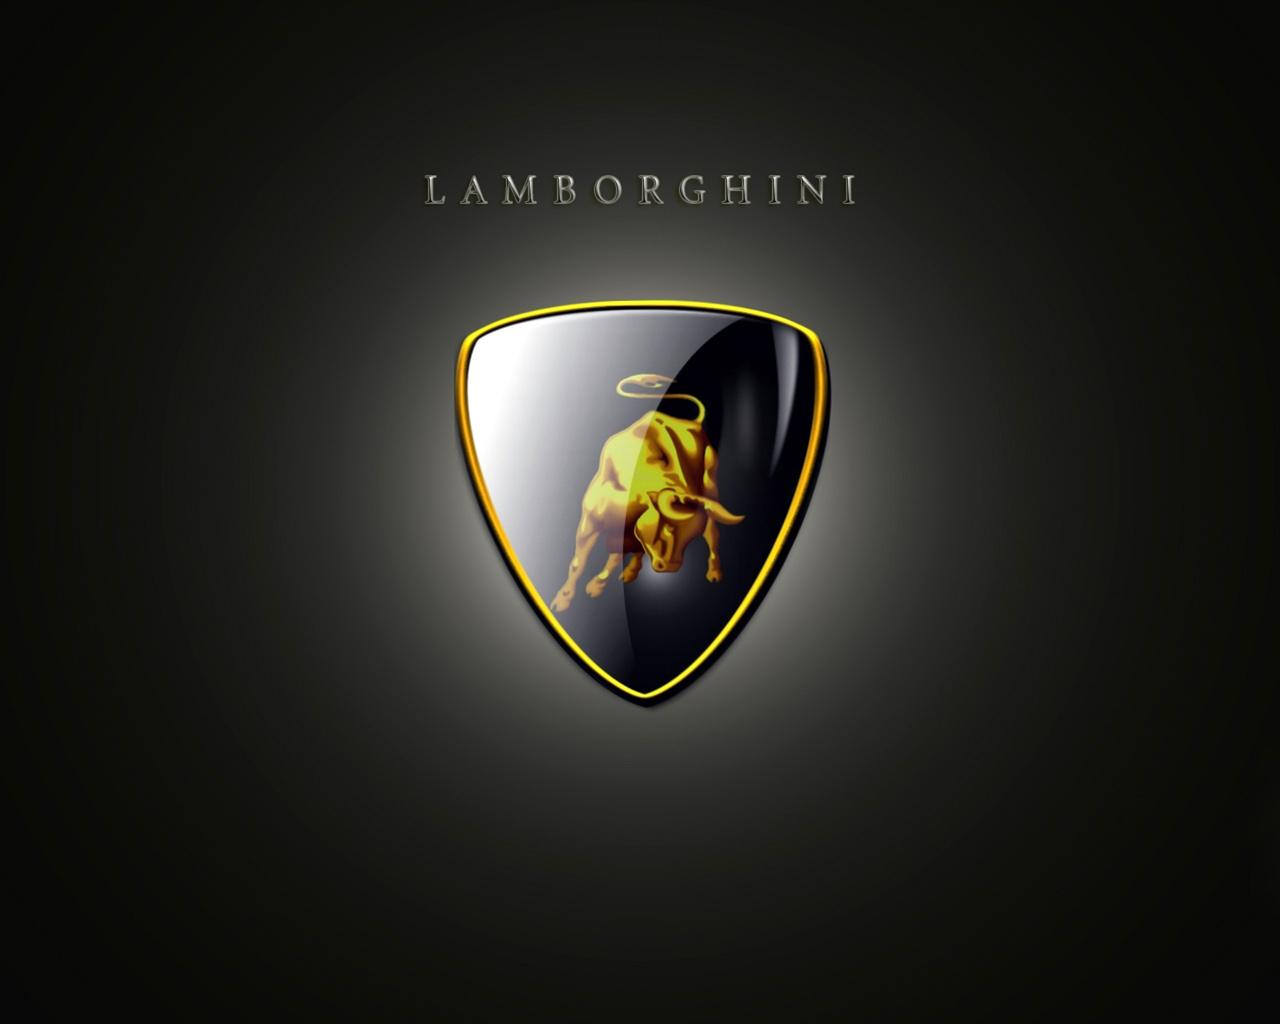 Logo wallpaper logos pictures